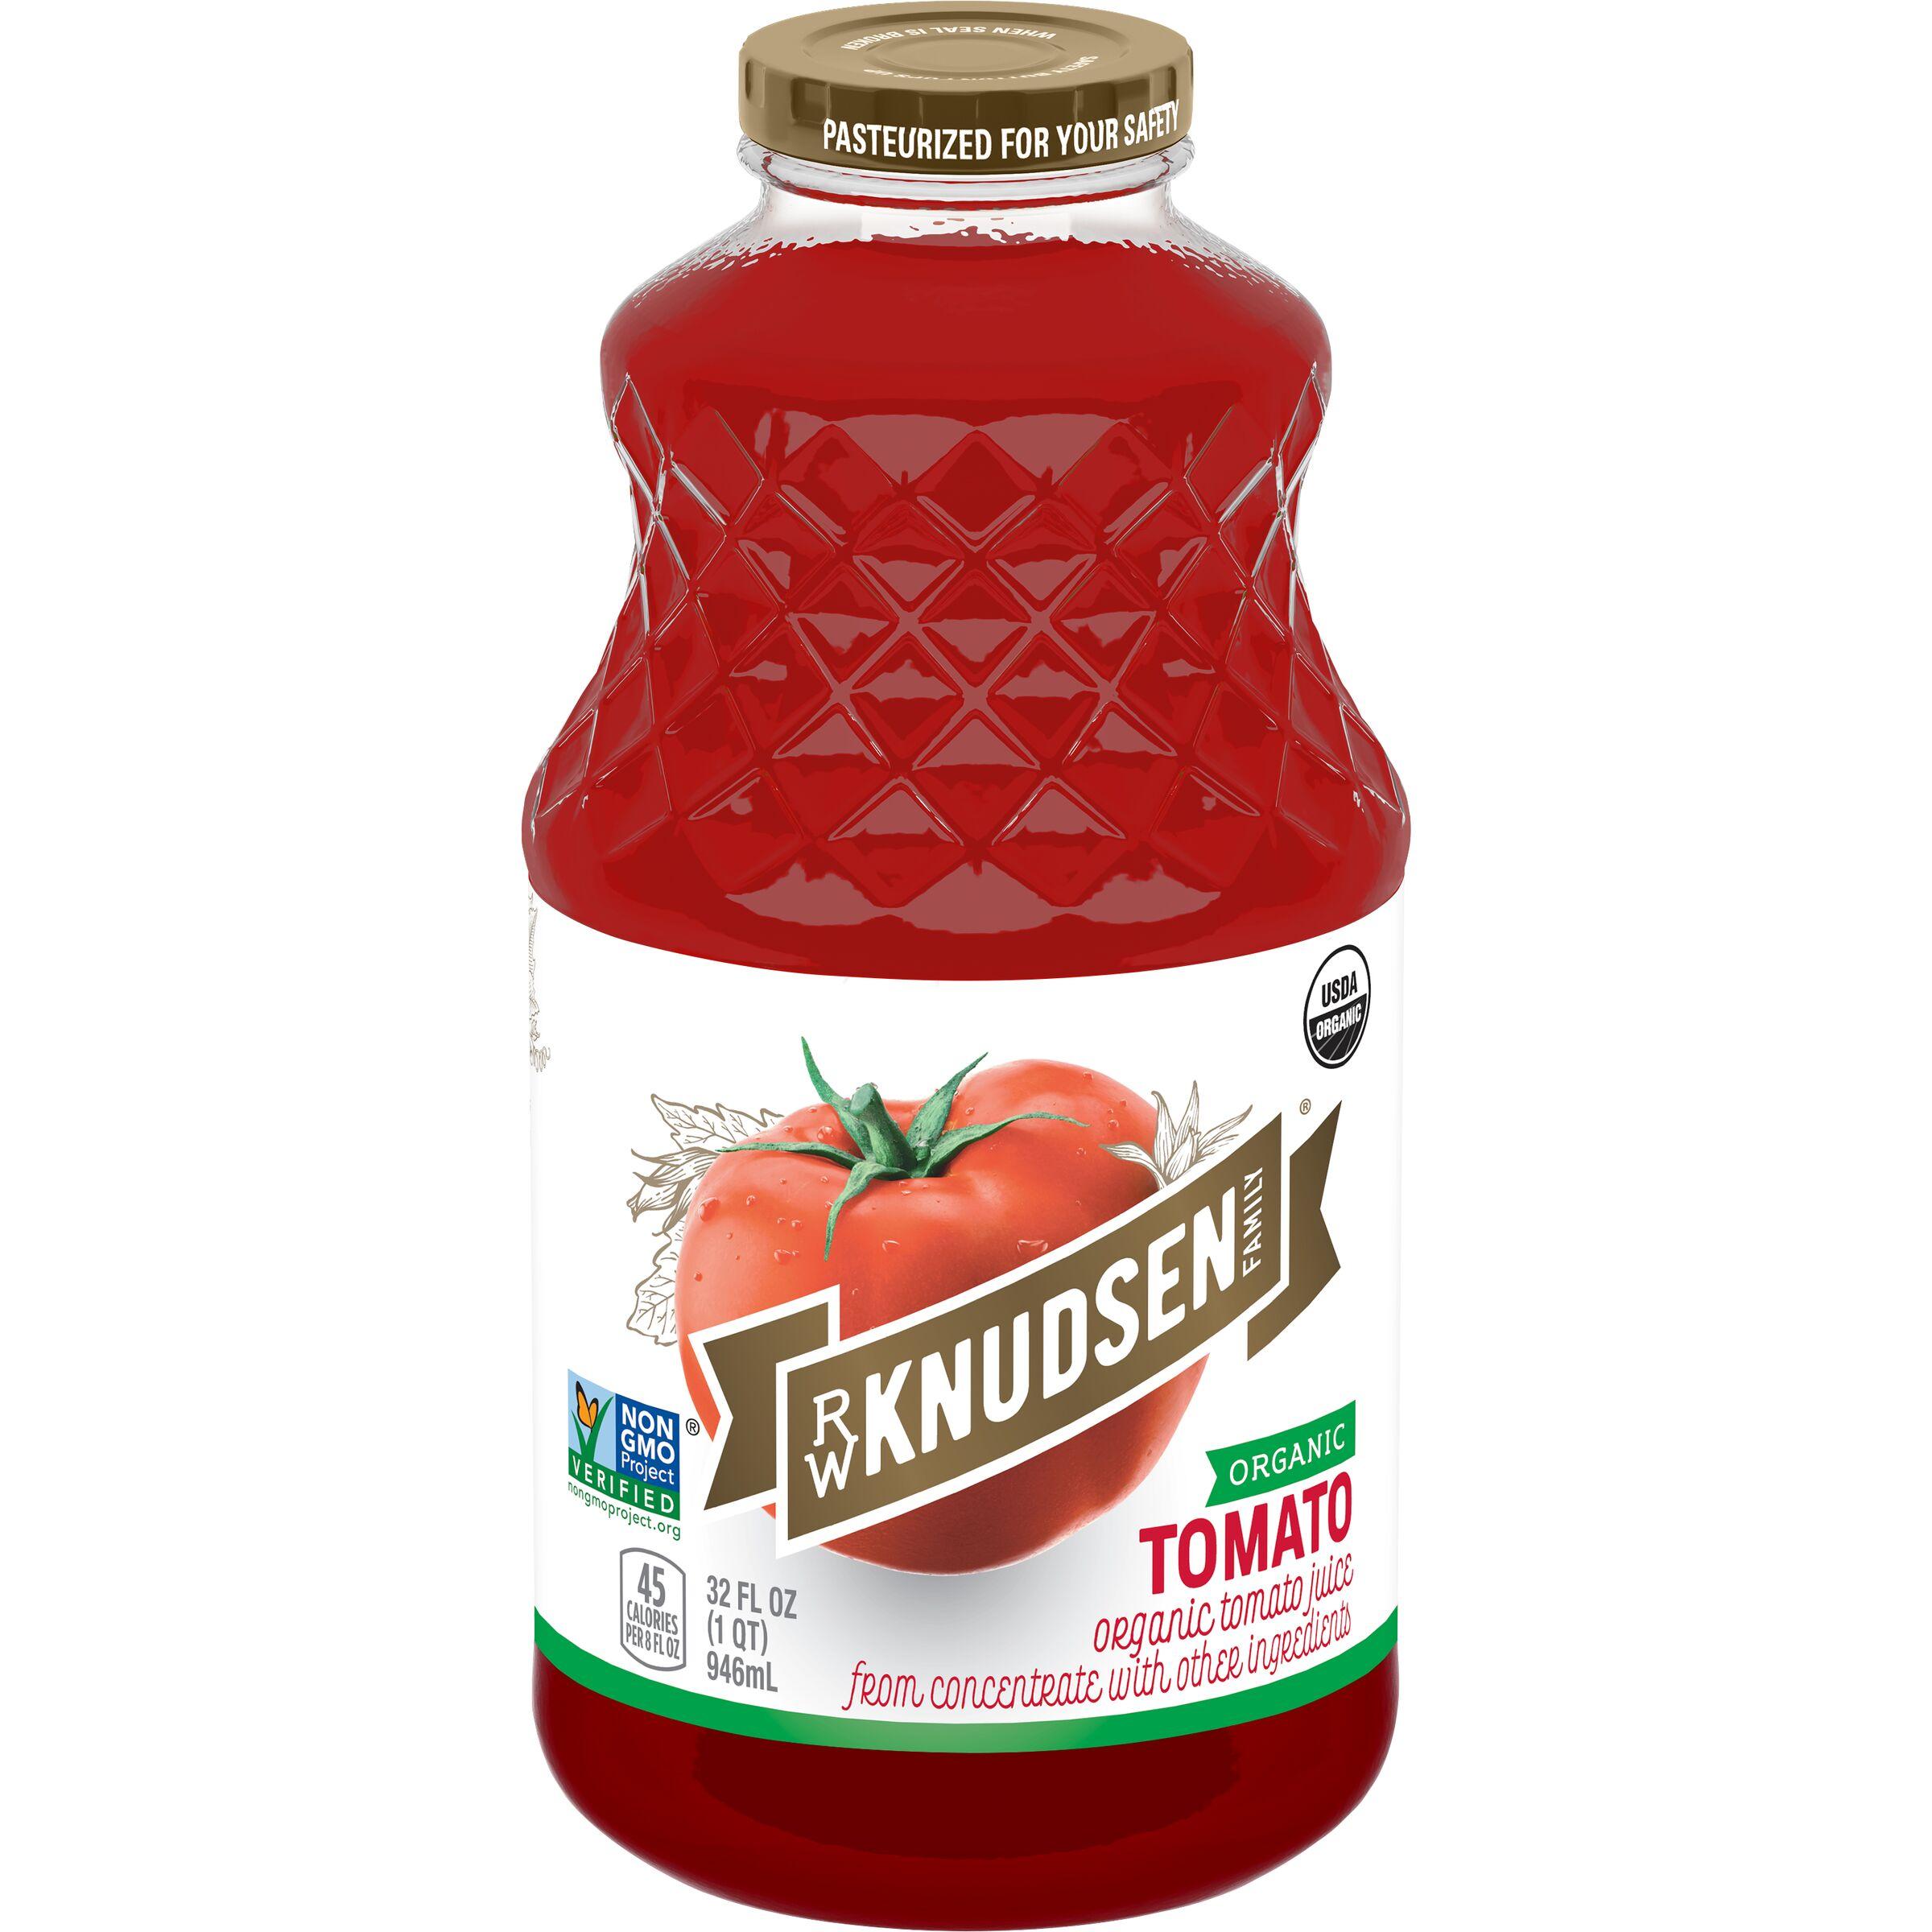 R.W. Knudsen Family  Organic Tomato Juice